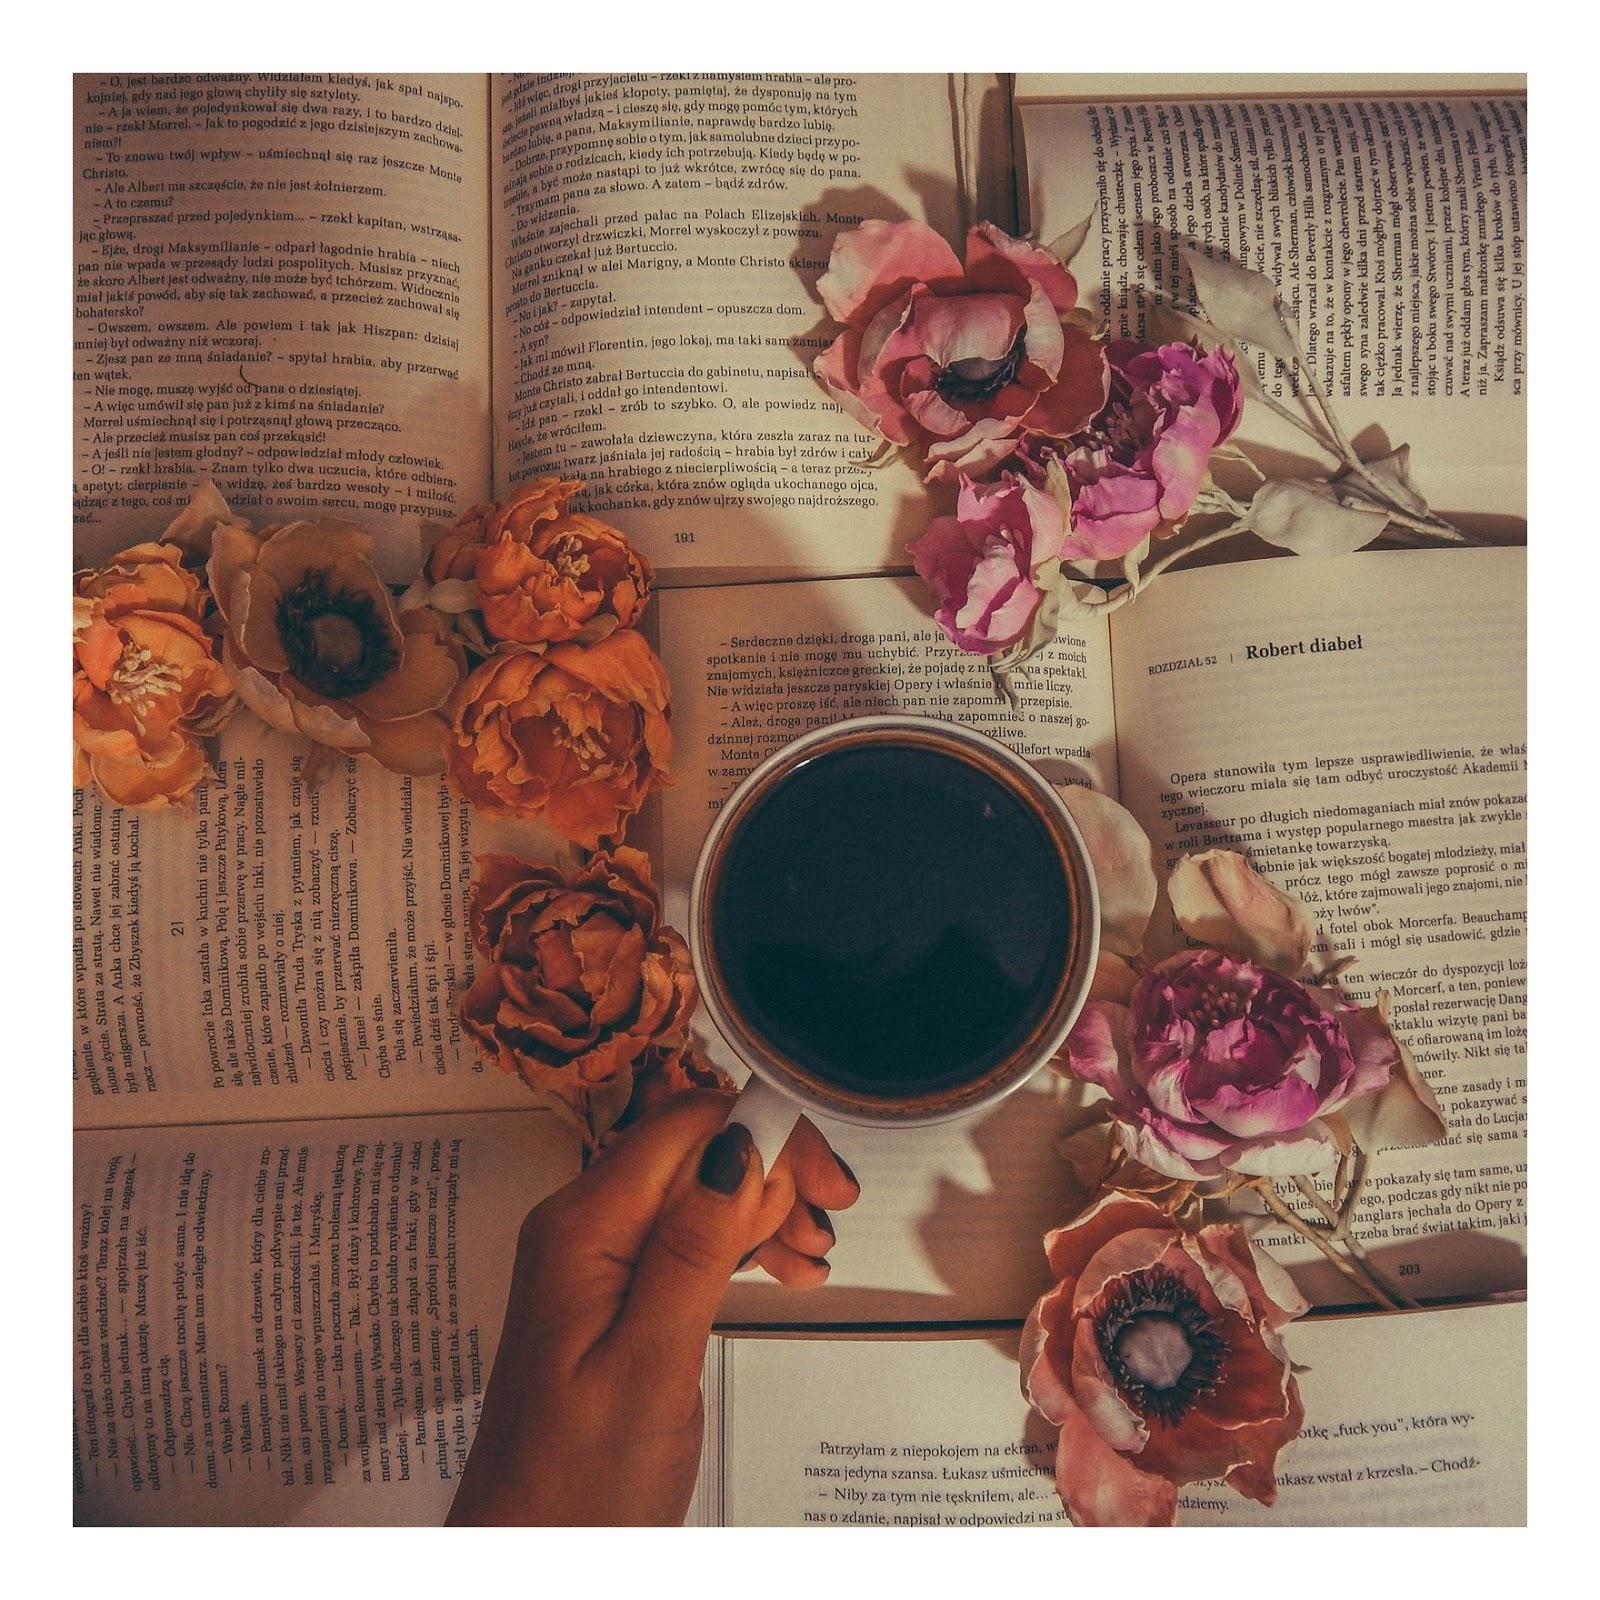 sztuczne kwiaty jak żywe wianki ślubne nietypowe kartki ślubne zaproszenia na roczek na urodziny na rocznicę imieniny diy do it yourself ręcznie robione kwiaty wywiad pomysł na biznes moonbird jak zrobić kwiatki flowers pinterest